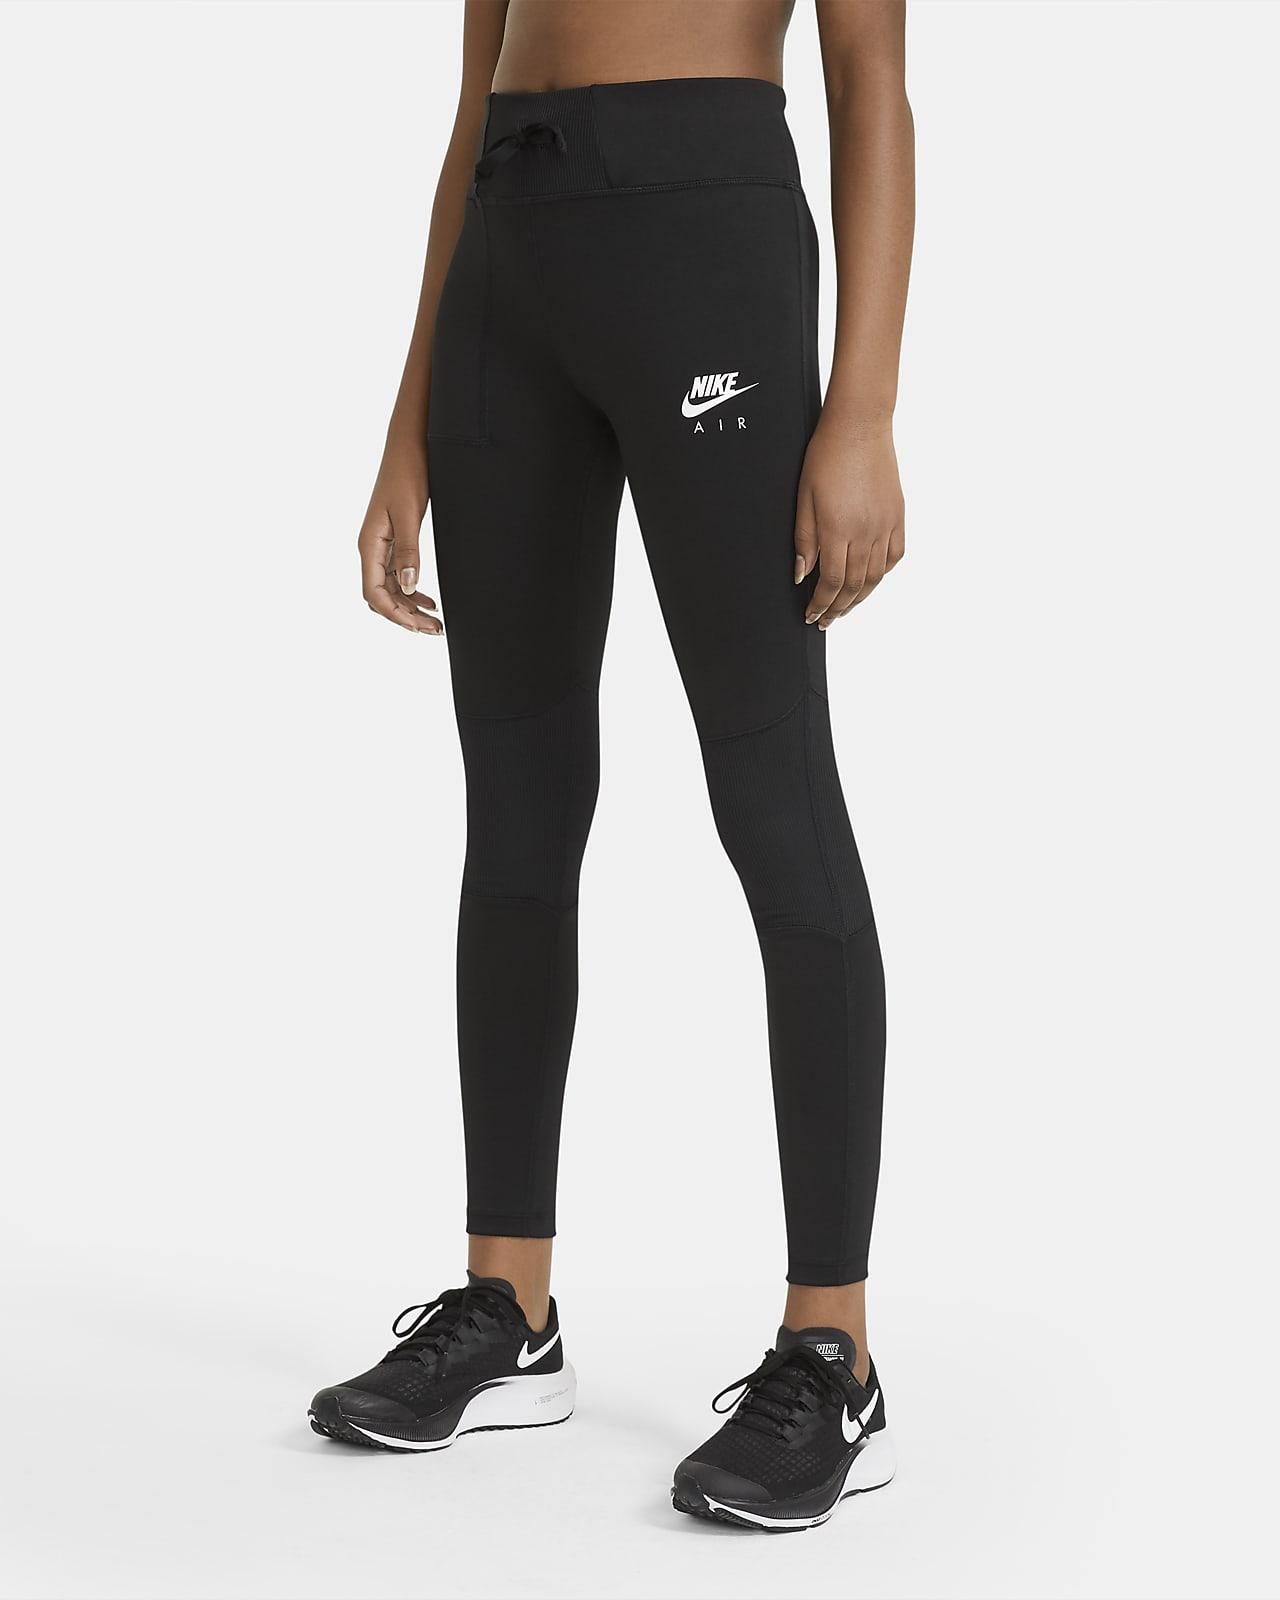 Nike Air treningsleggings til store barn (jente)